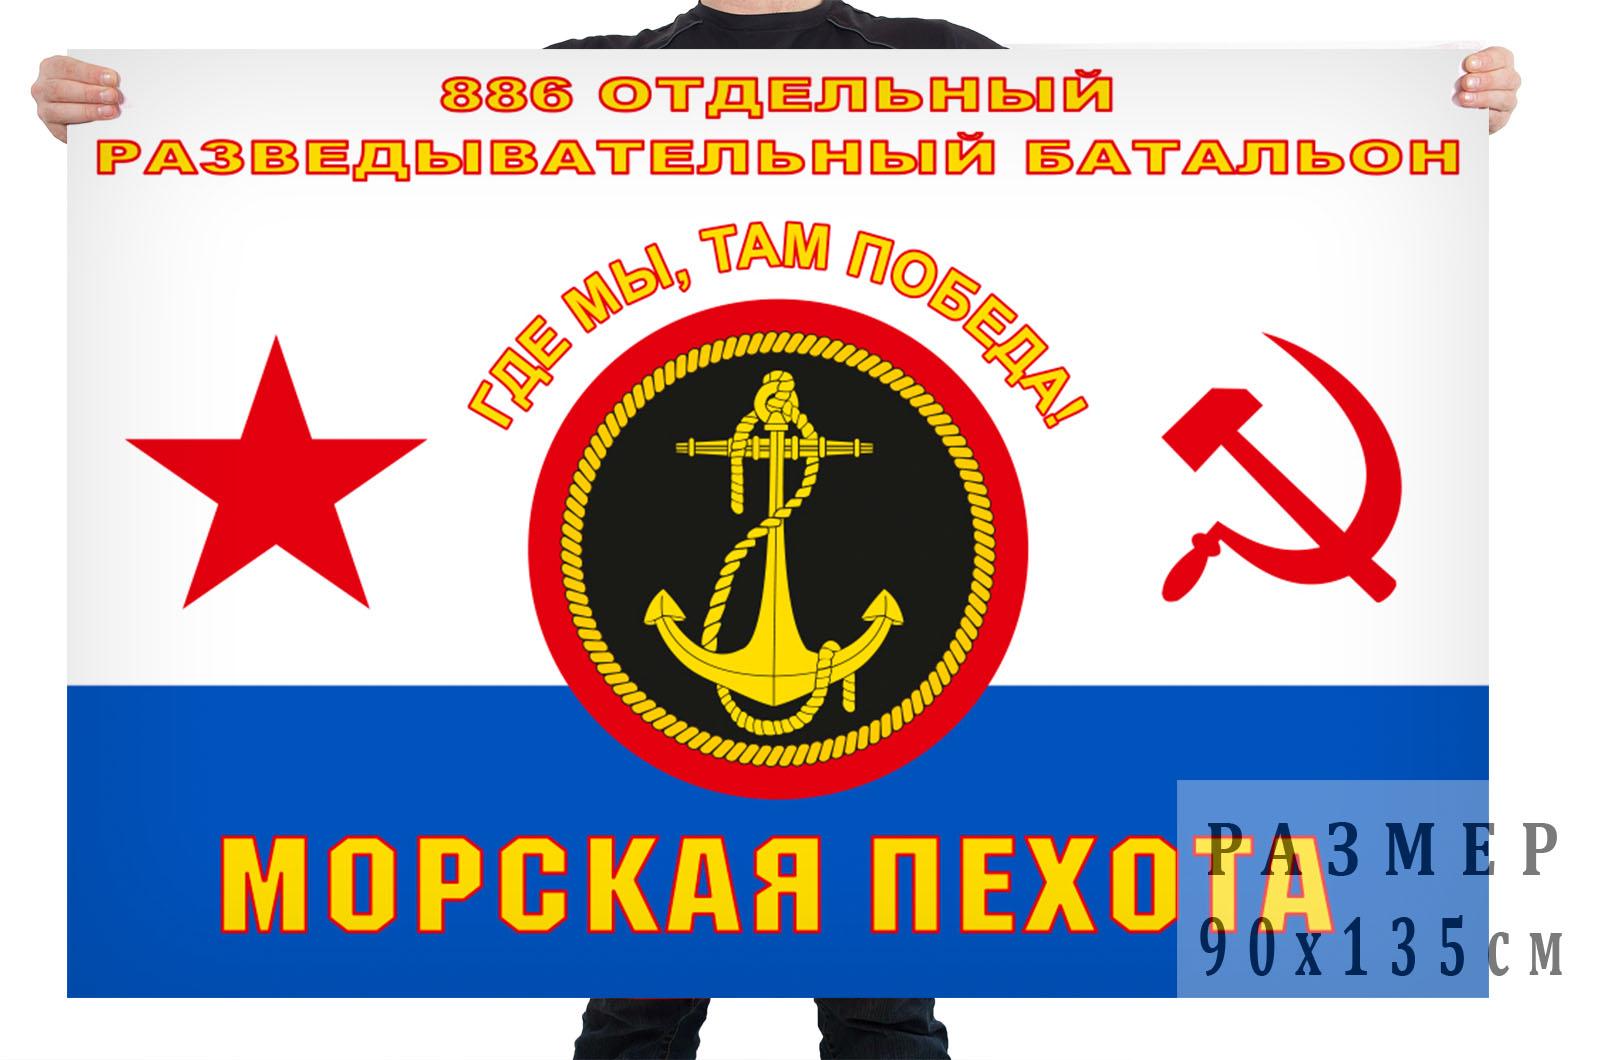 Флаг 886 отдельного разведывательного батальона морской пехоты КСФ